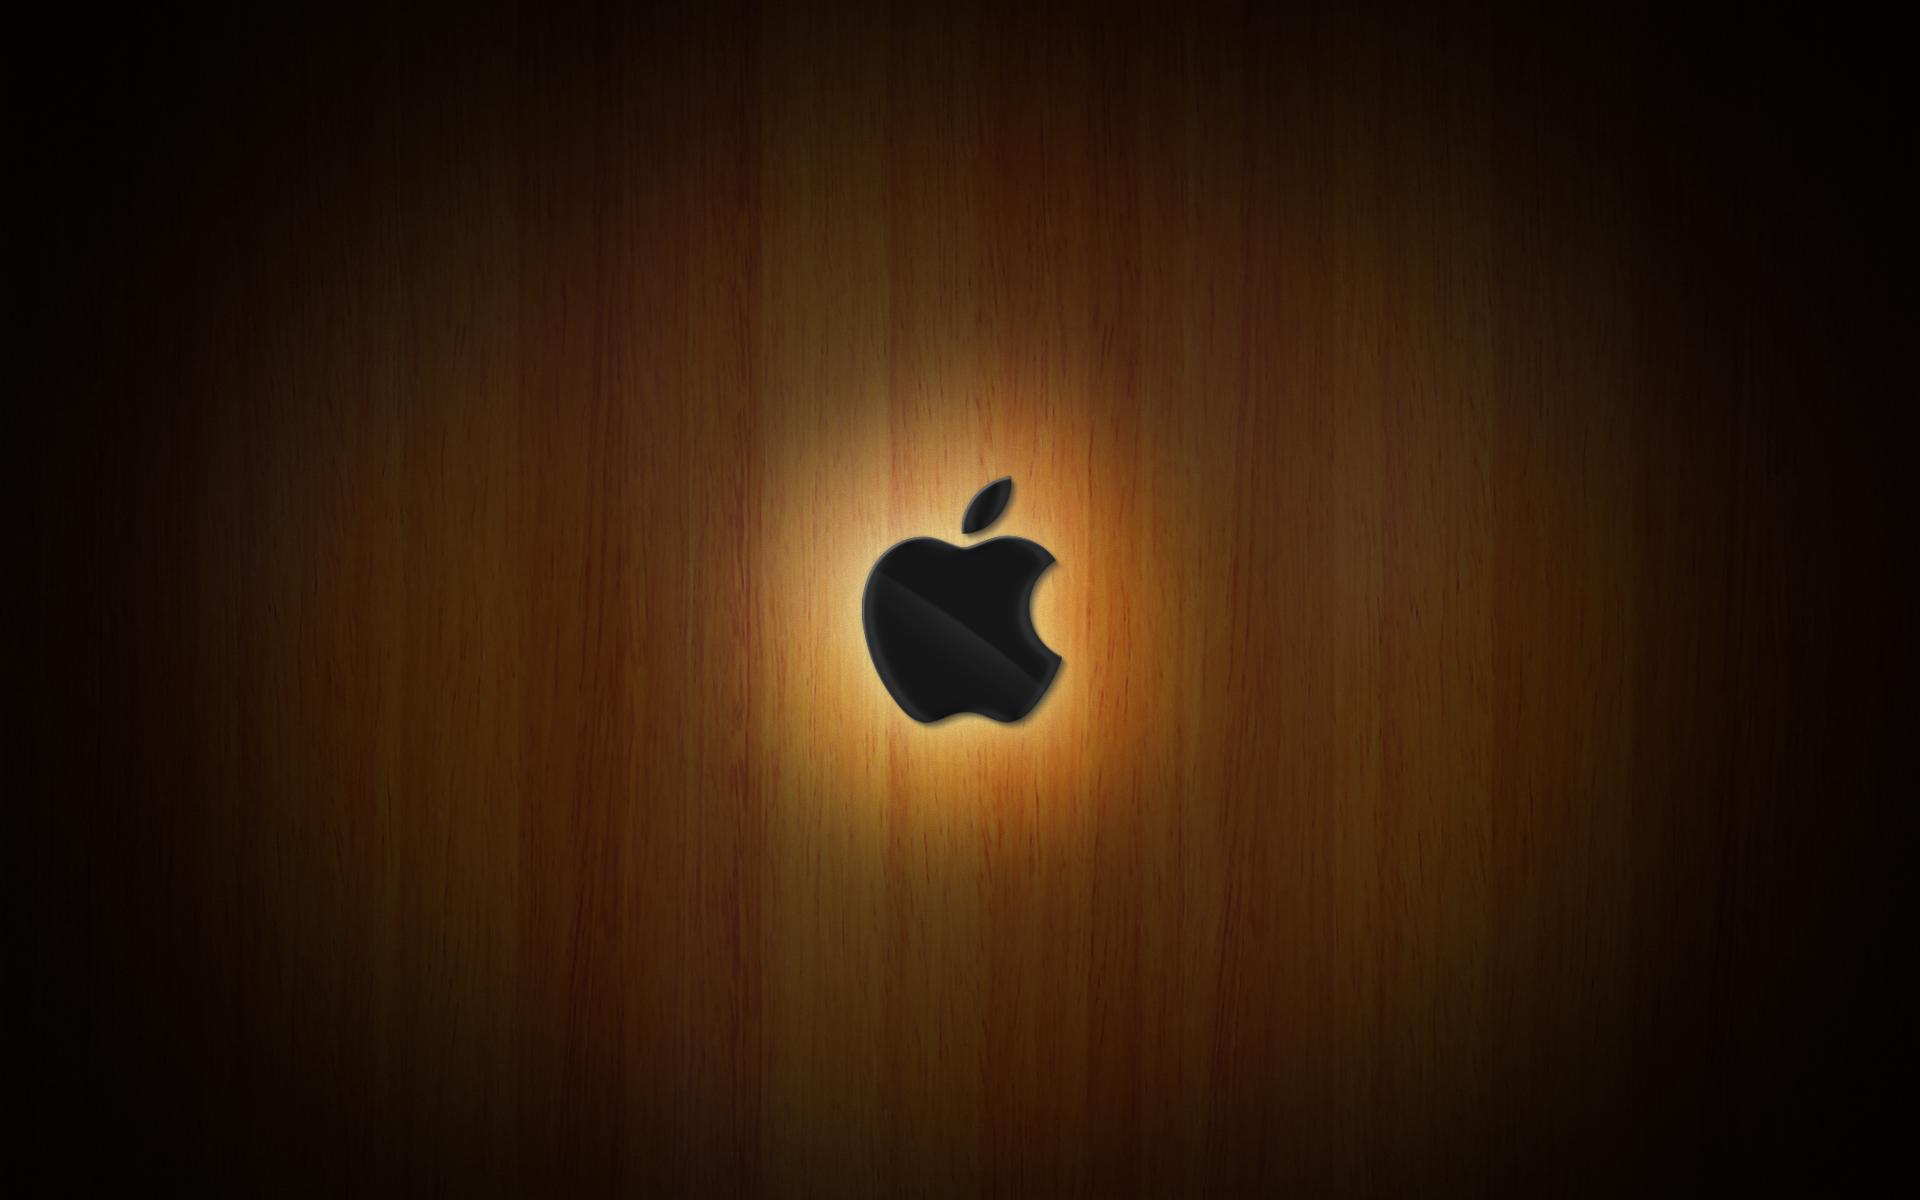 Apple Wallpapers Widescreen